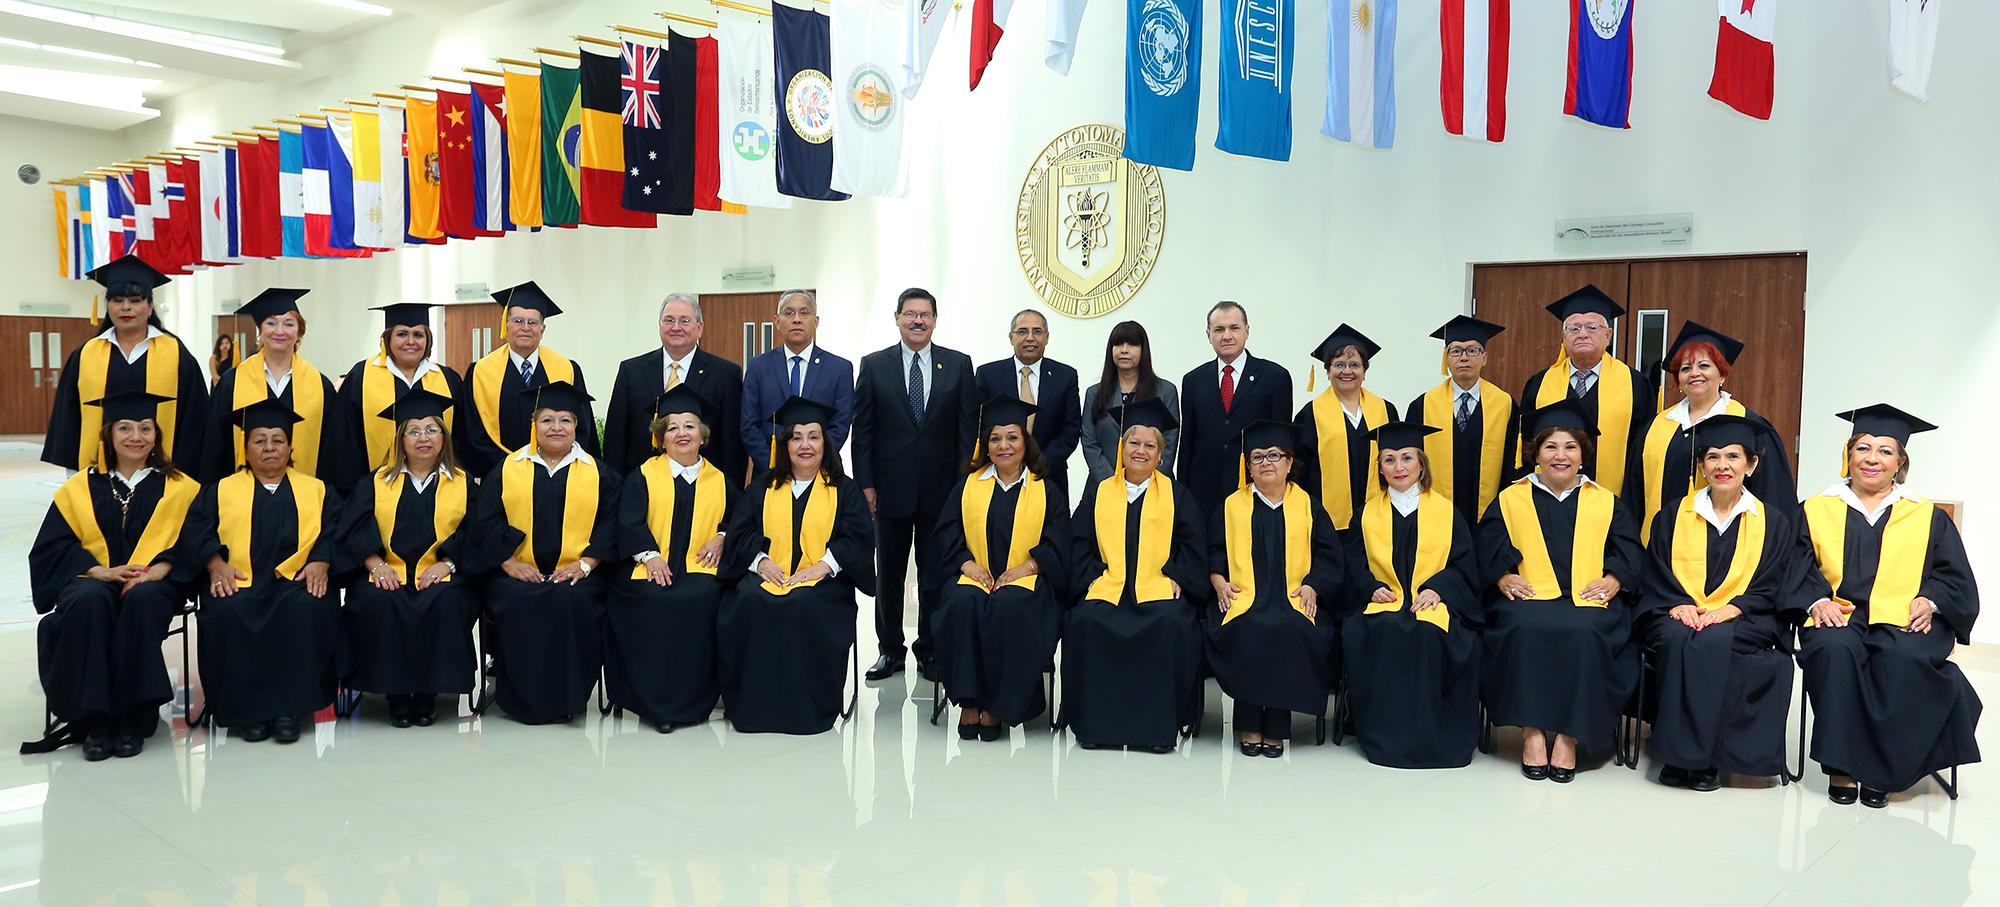 1Veintidos mujeres y Tres hombres conforman la cuarta generación del Diplomado